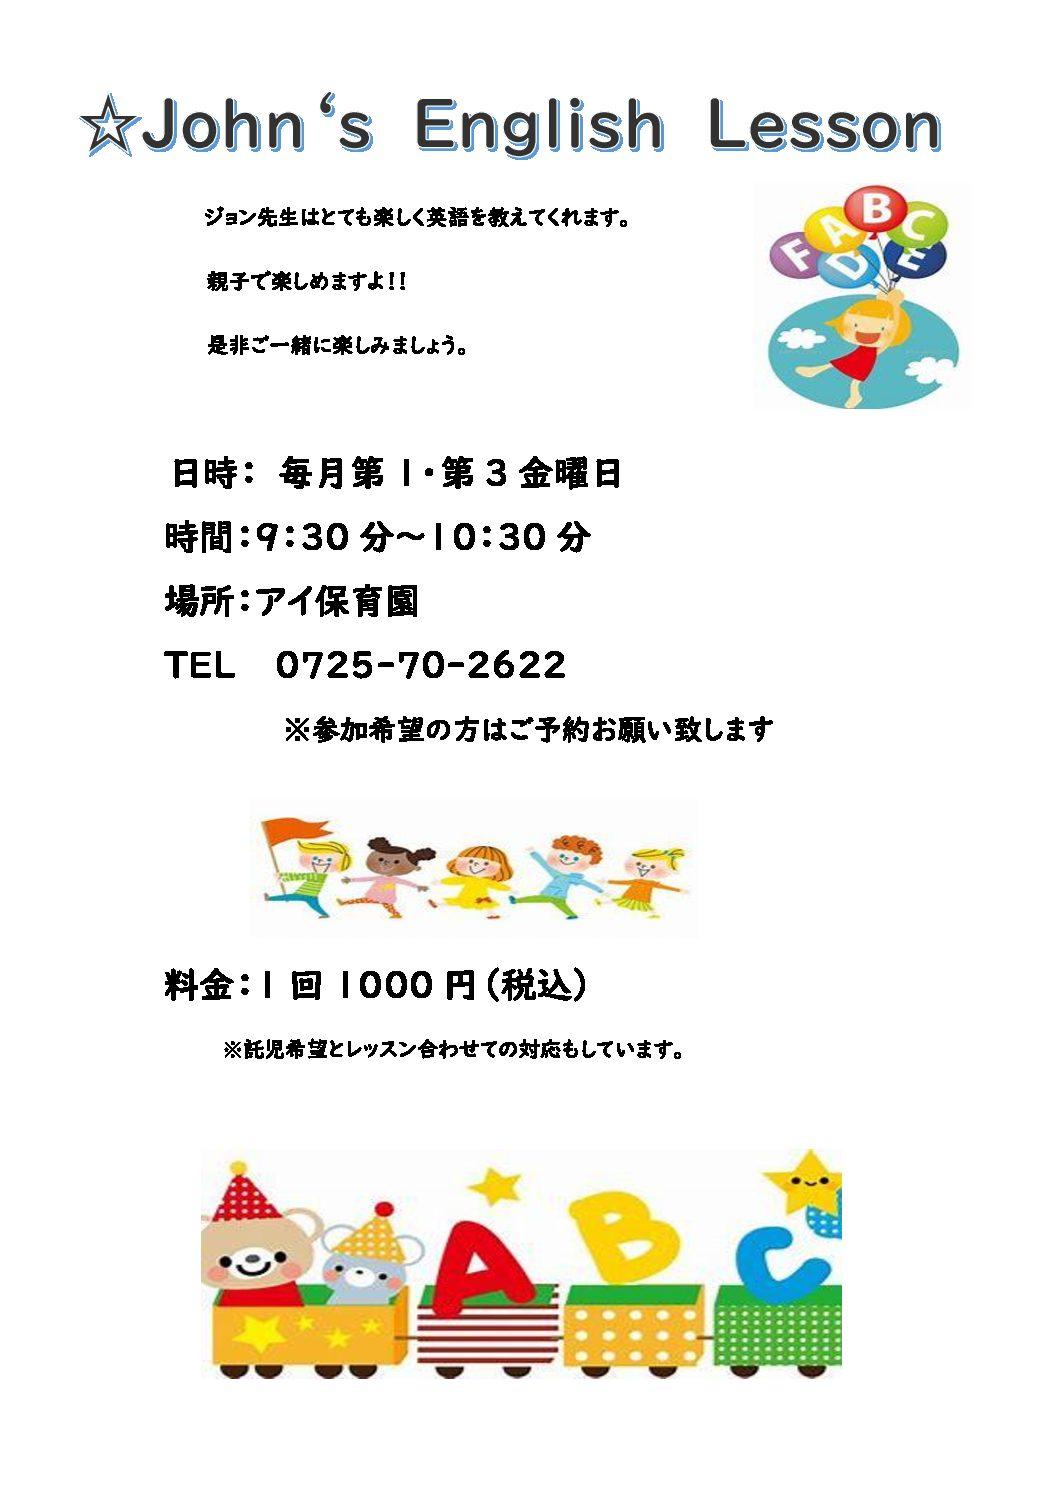 緊急 大阪 事態 宣言 保育園 大阪府も緊急事態宣言要請へ:朝日新聞デジタル